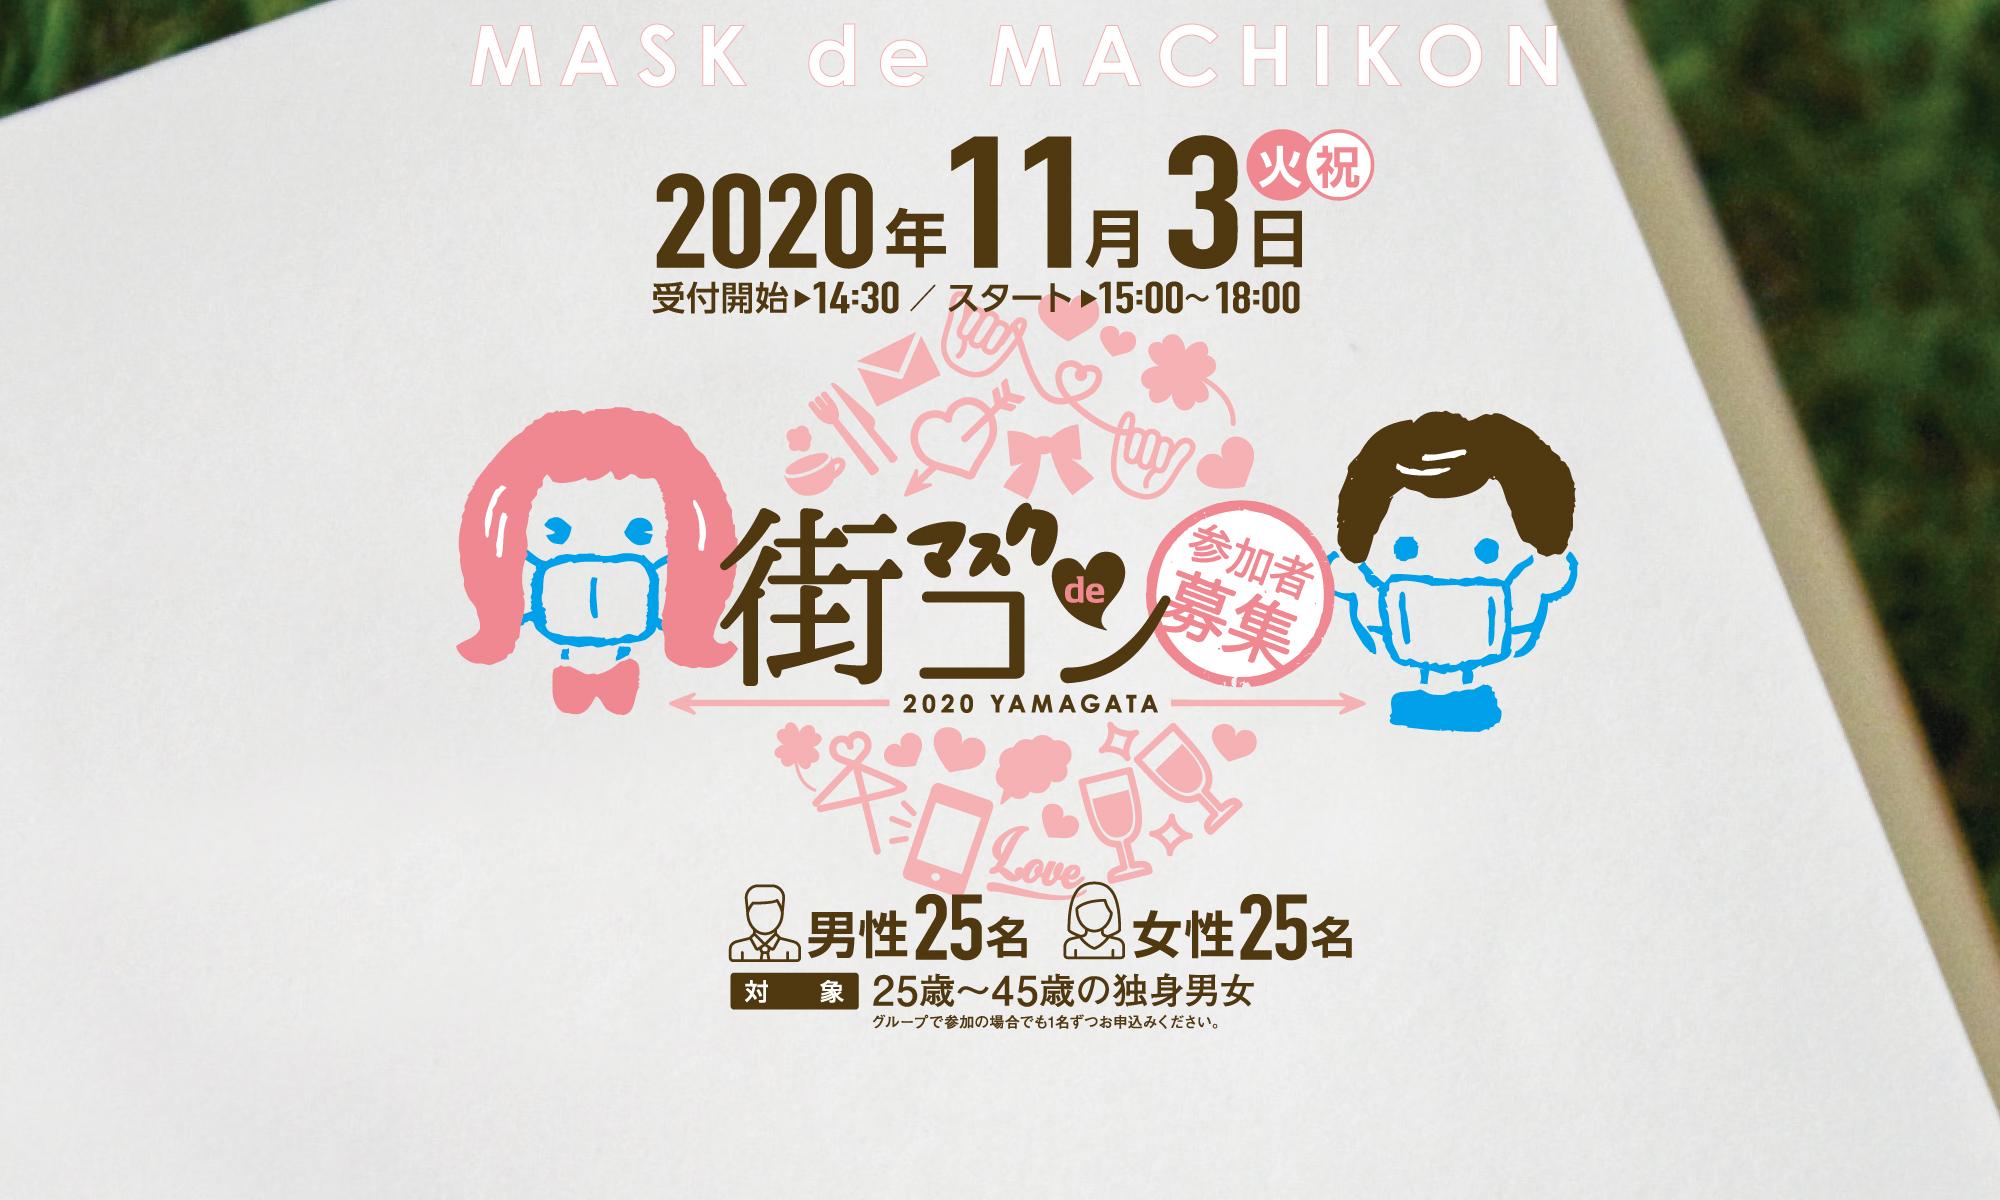 マスク de 街コン